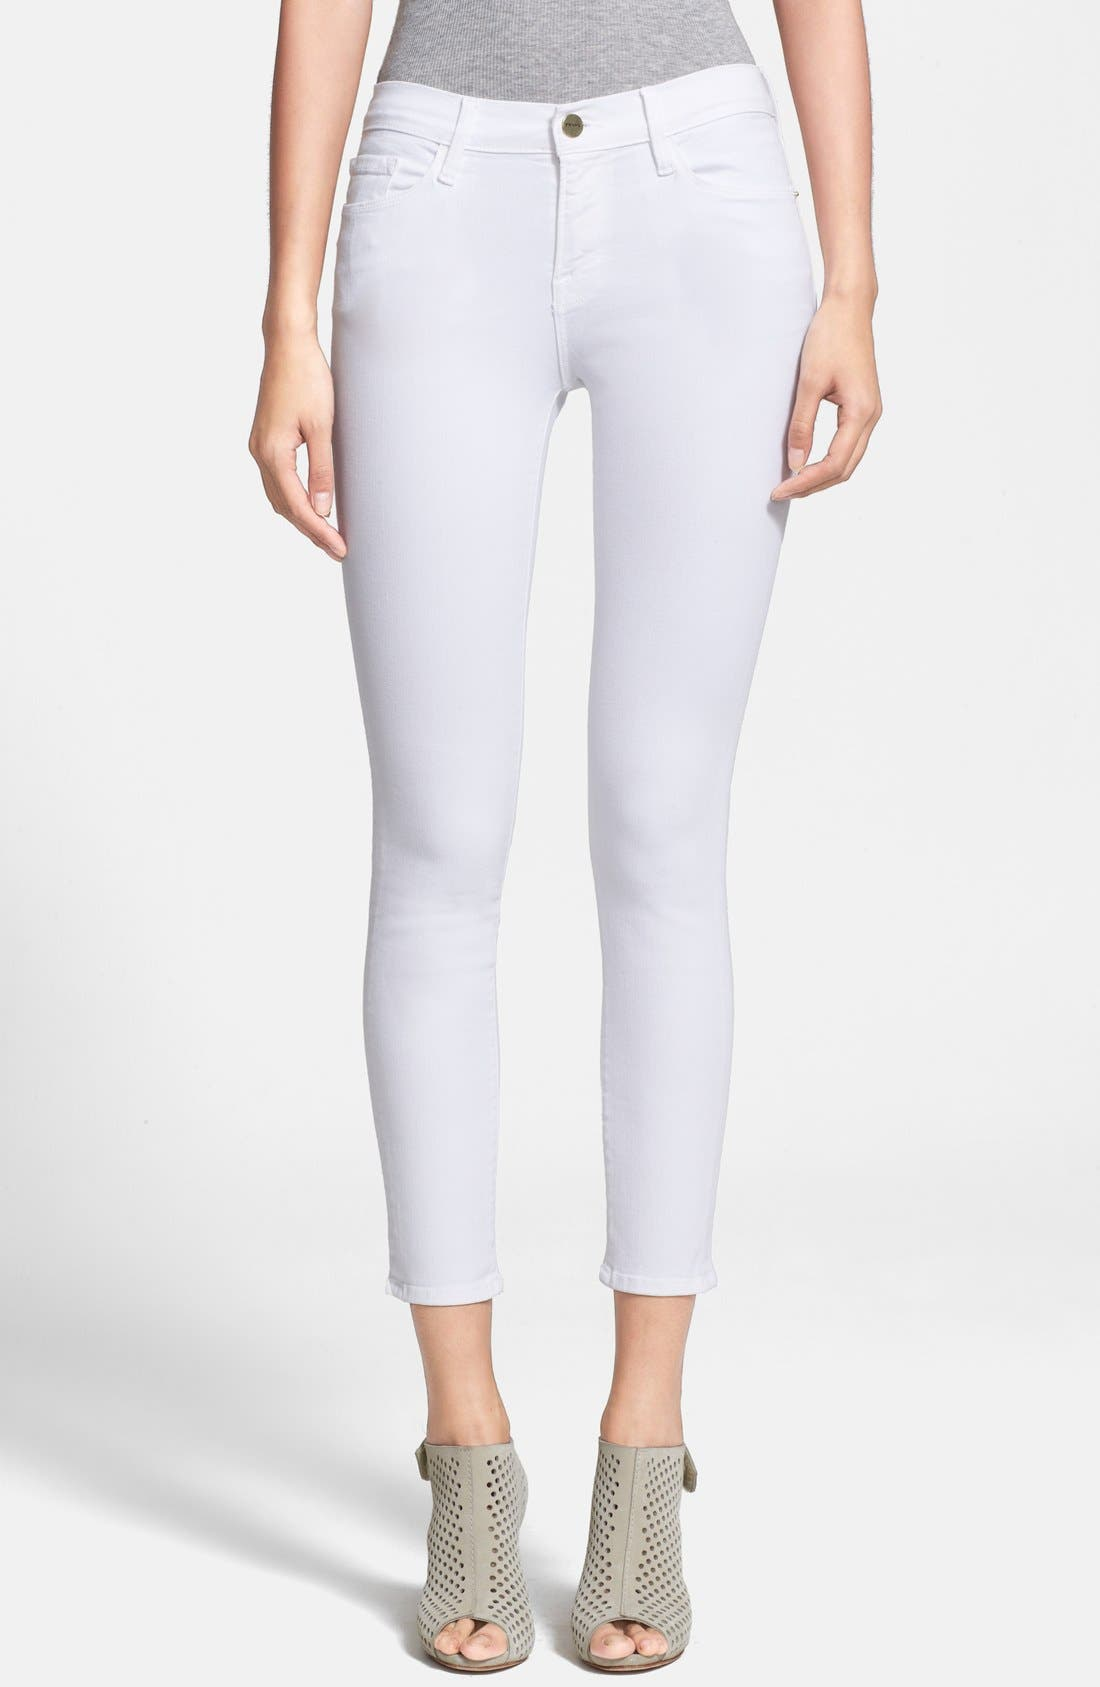 Main Image - Frame Denim 'Le Color Crop' Skinny Jeans